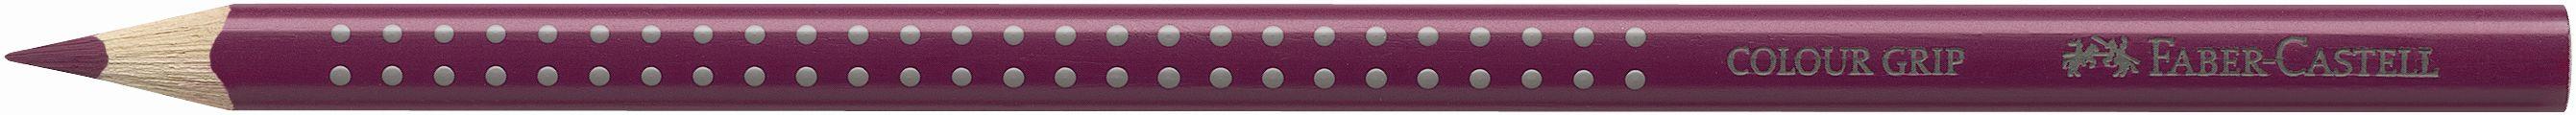 Pastelka Color Grip / 133 magenta Faber Castell - Akvarelové pastelky Faber Castell - Akvarelové pastelky